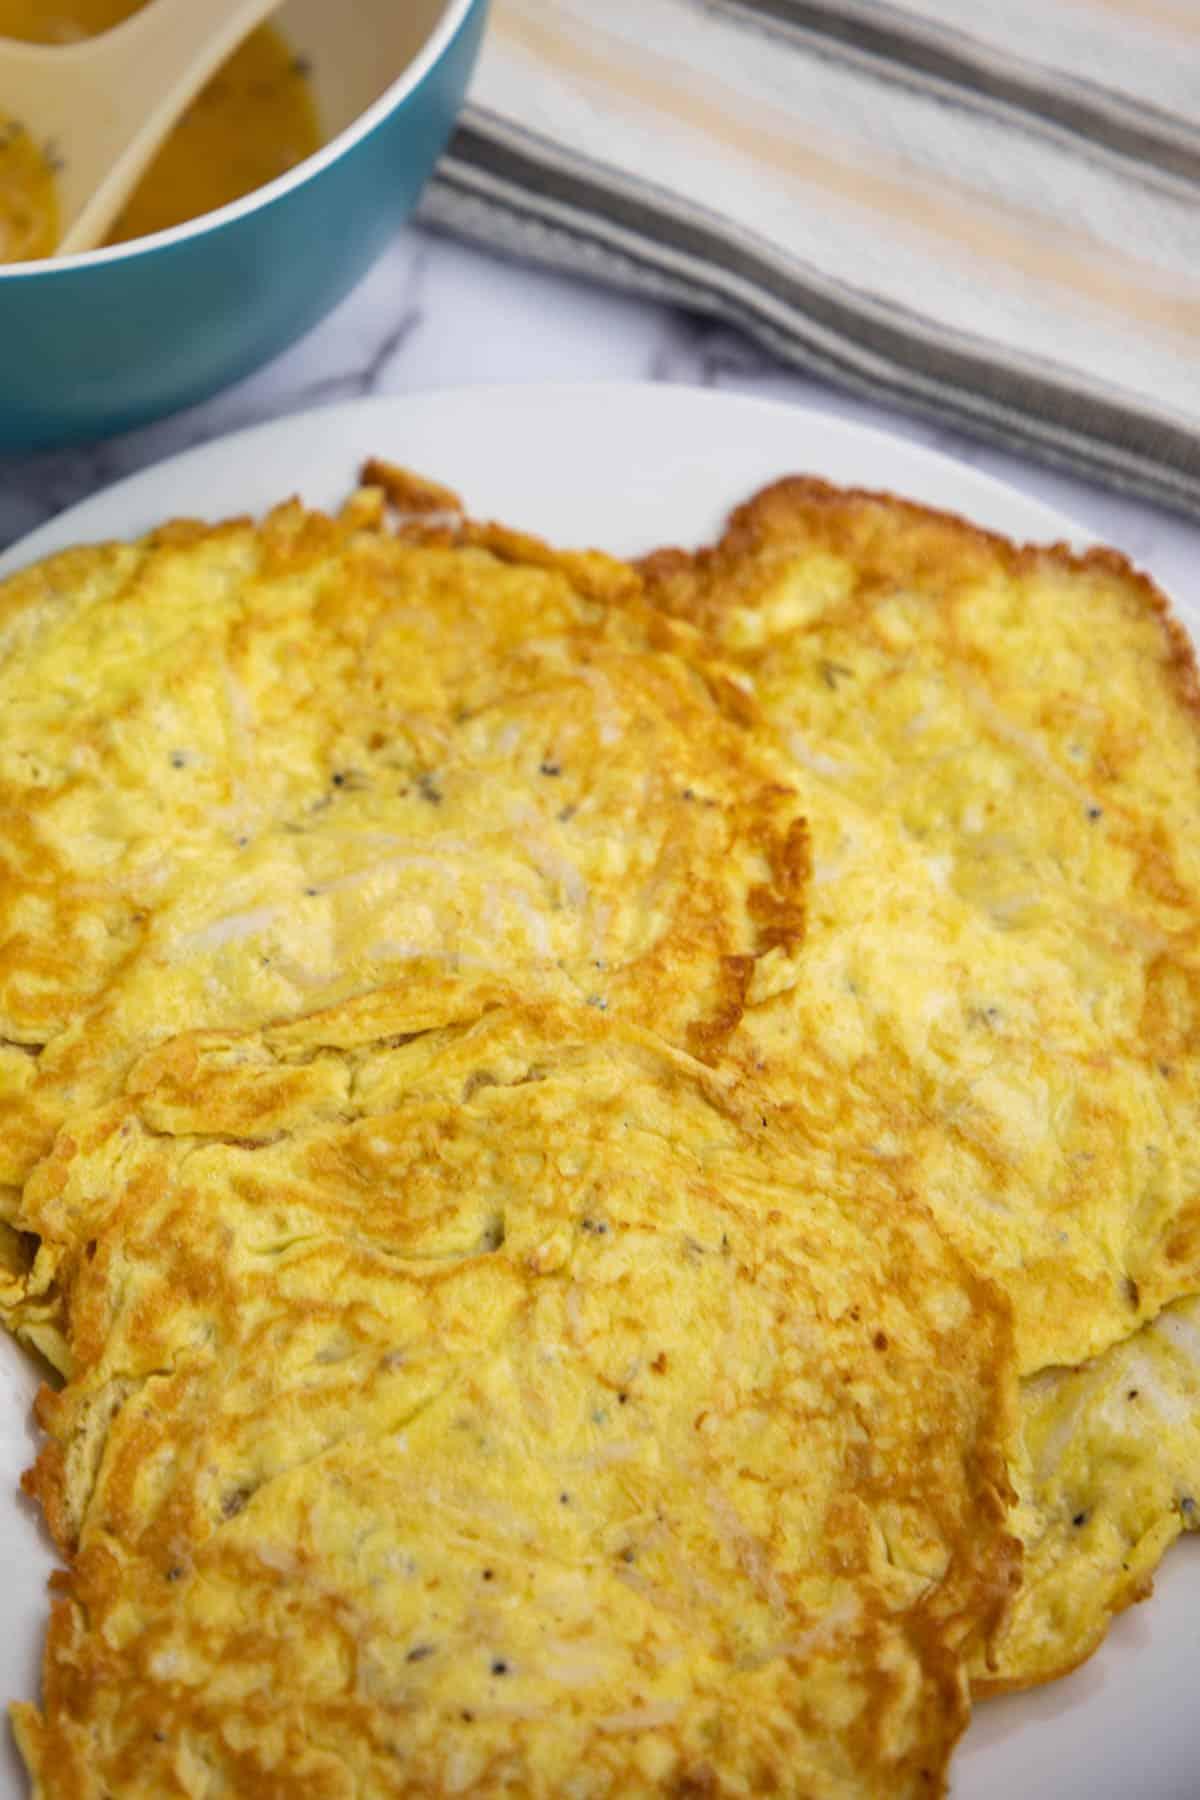 silverfish omelet, very tiny fish omelet. via @seasiderecipes